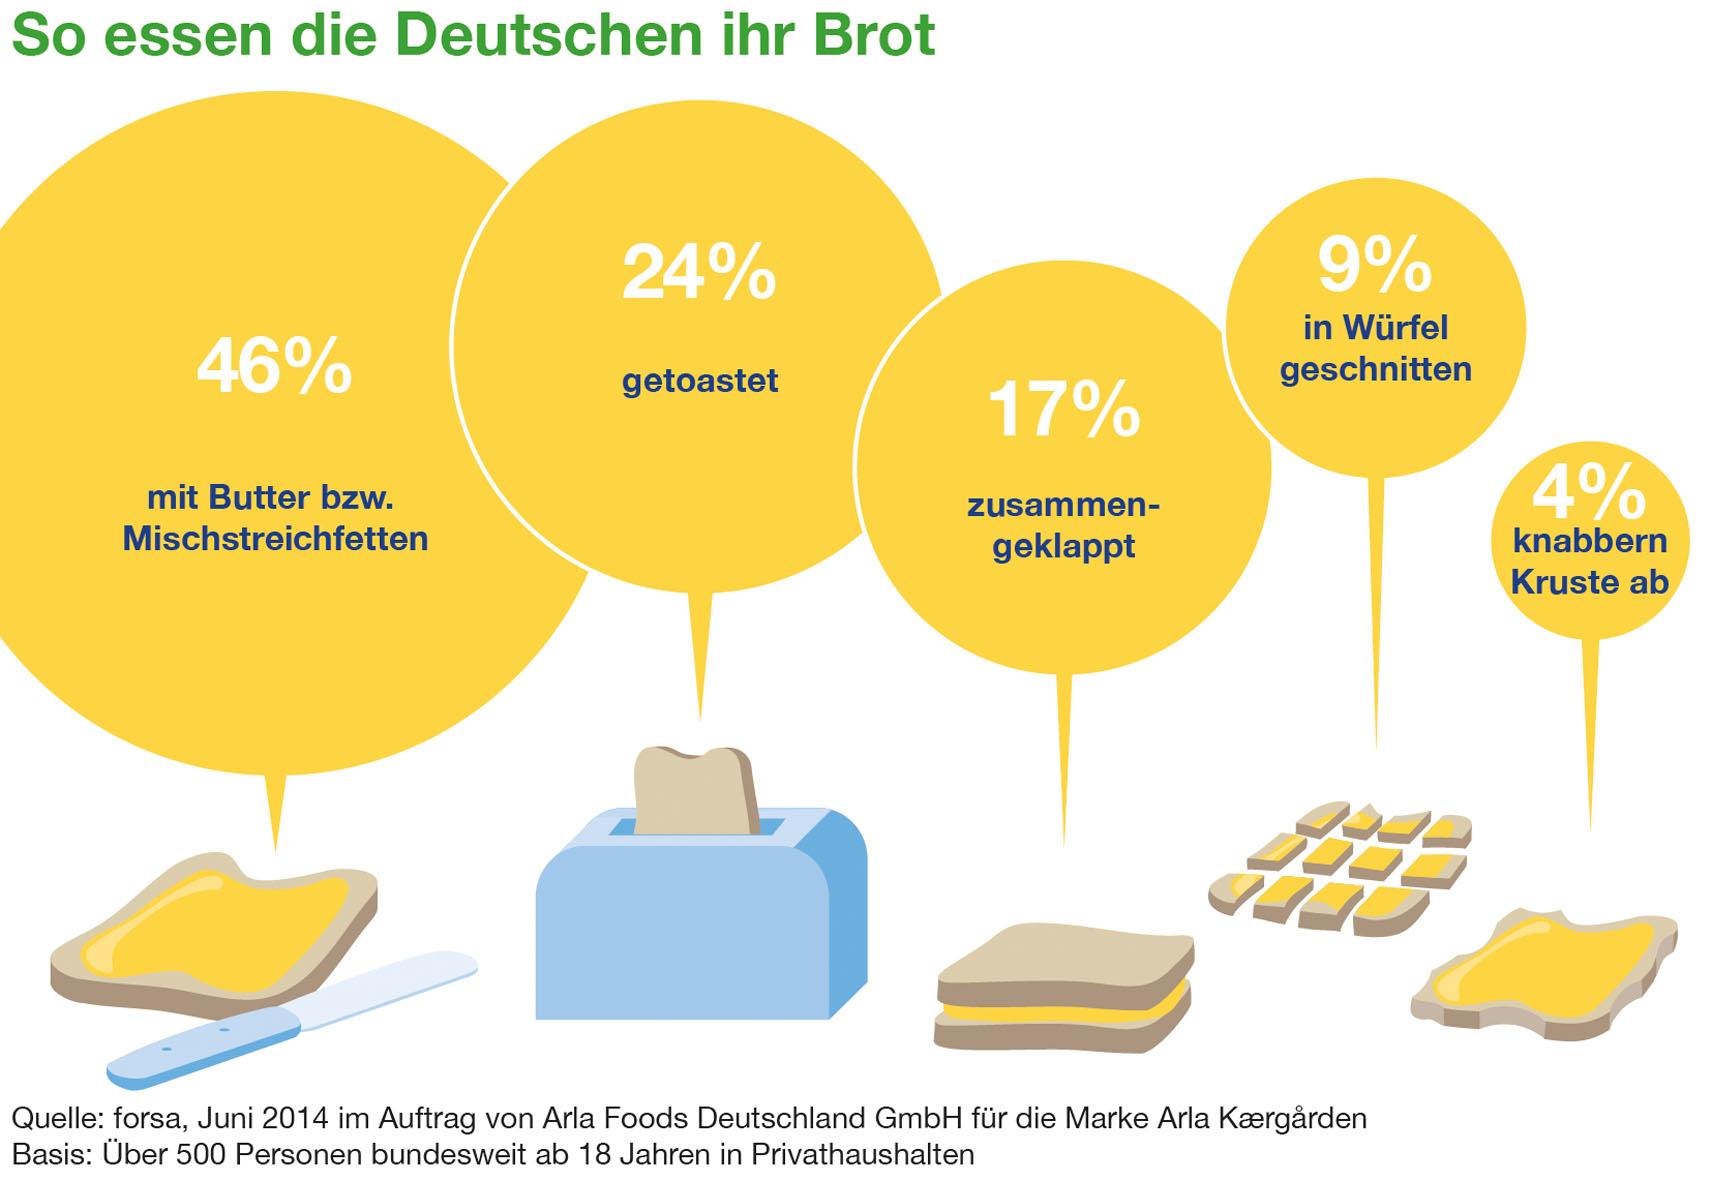 so essen die Deutschen ihr Brot